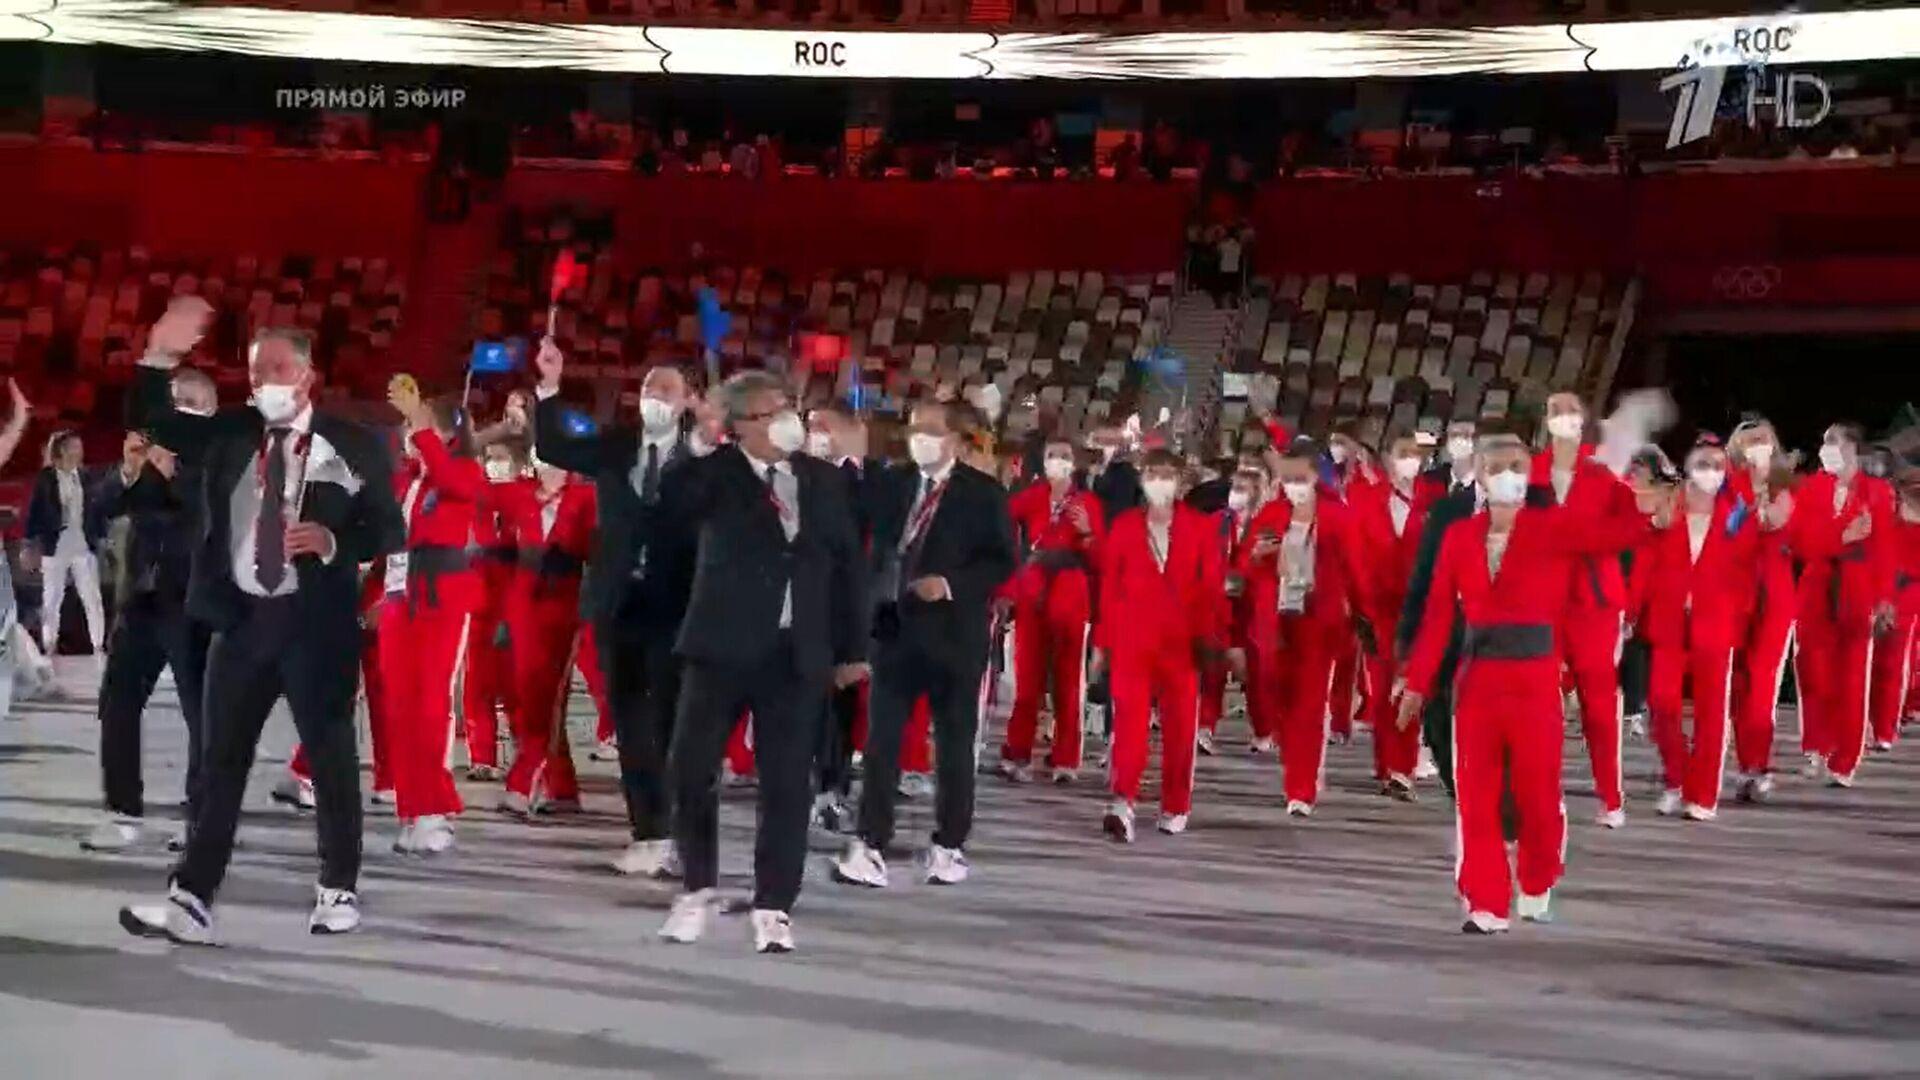 Rosyjska reprezentacja na Igrzyskach Olimpijskich w Tokio - Sputnik Polska, 1920, 24.07.2021